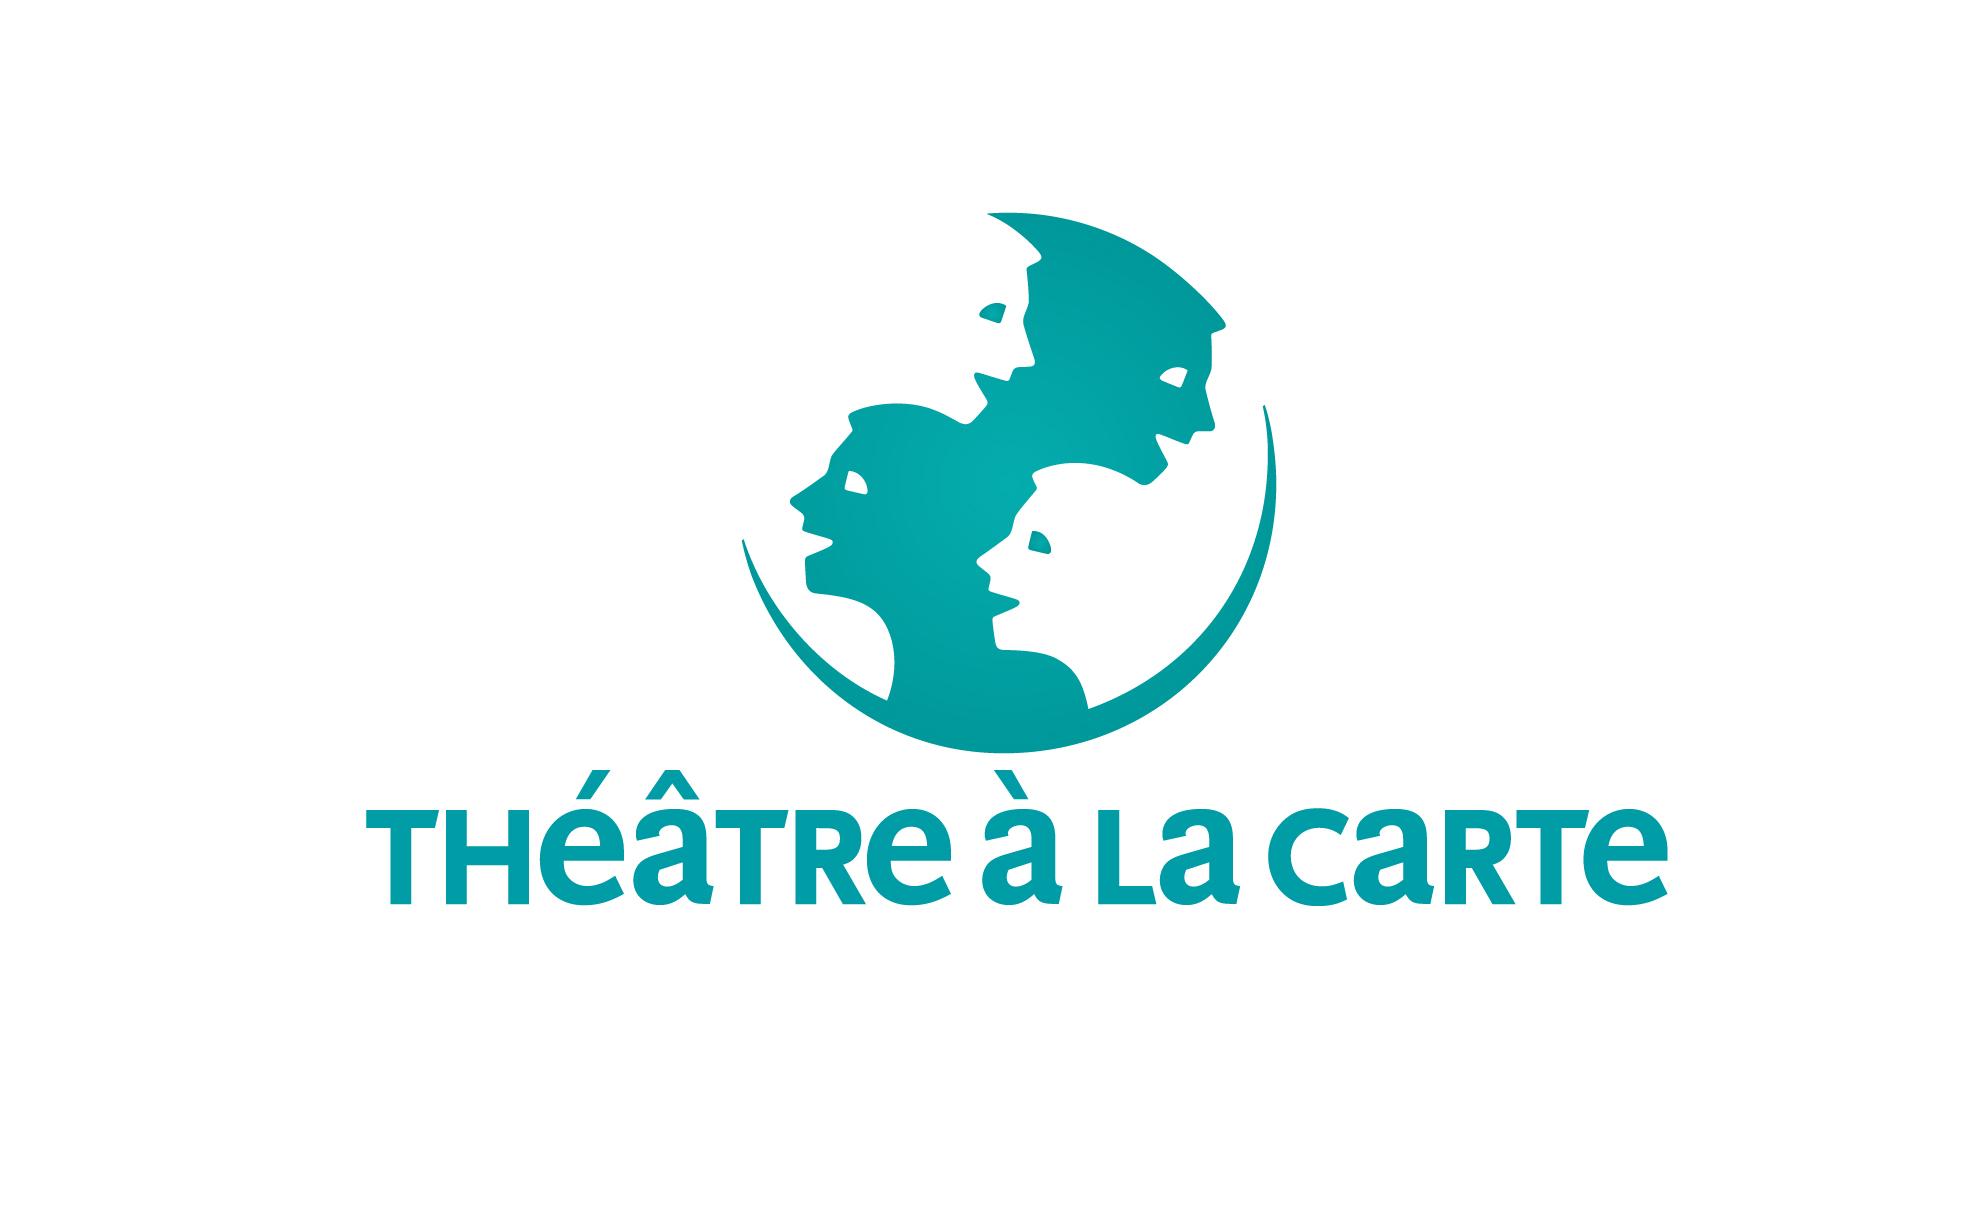 identité visuelle theatre a la carte logotype